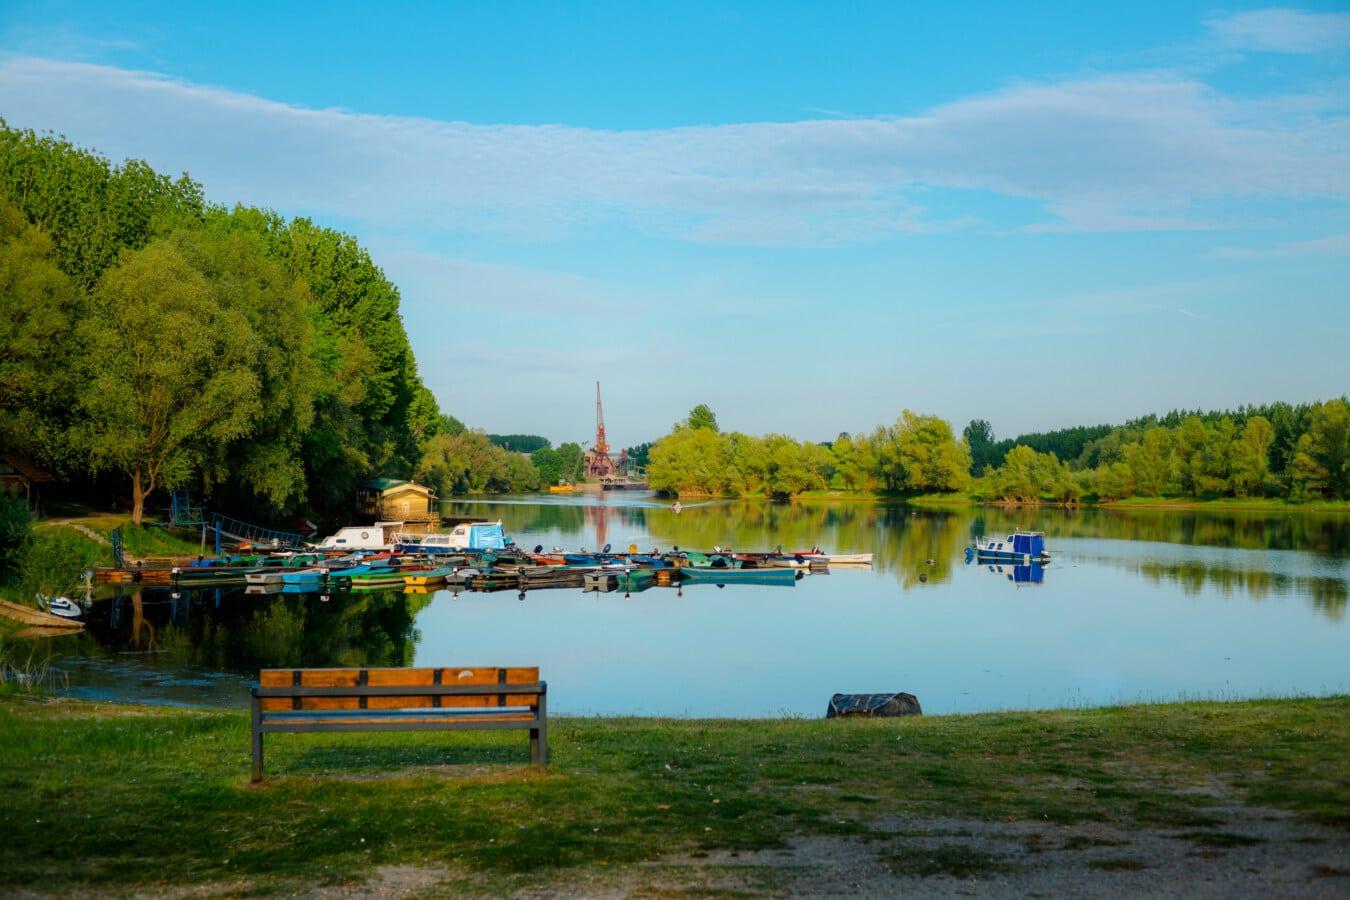 Hafen, Frühling, am See, Sitzbank, Panorama, Ufer, Landschaft, Bootshaus, See, Wasser